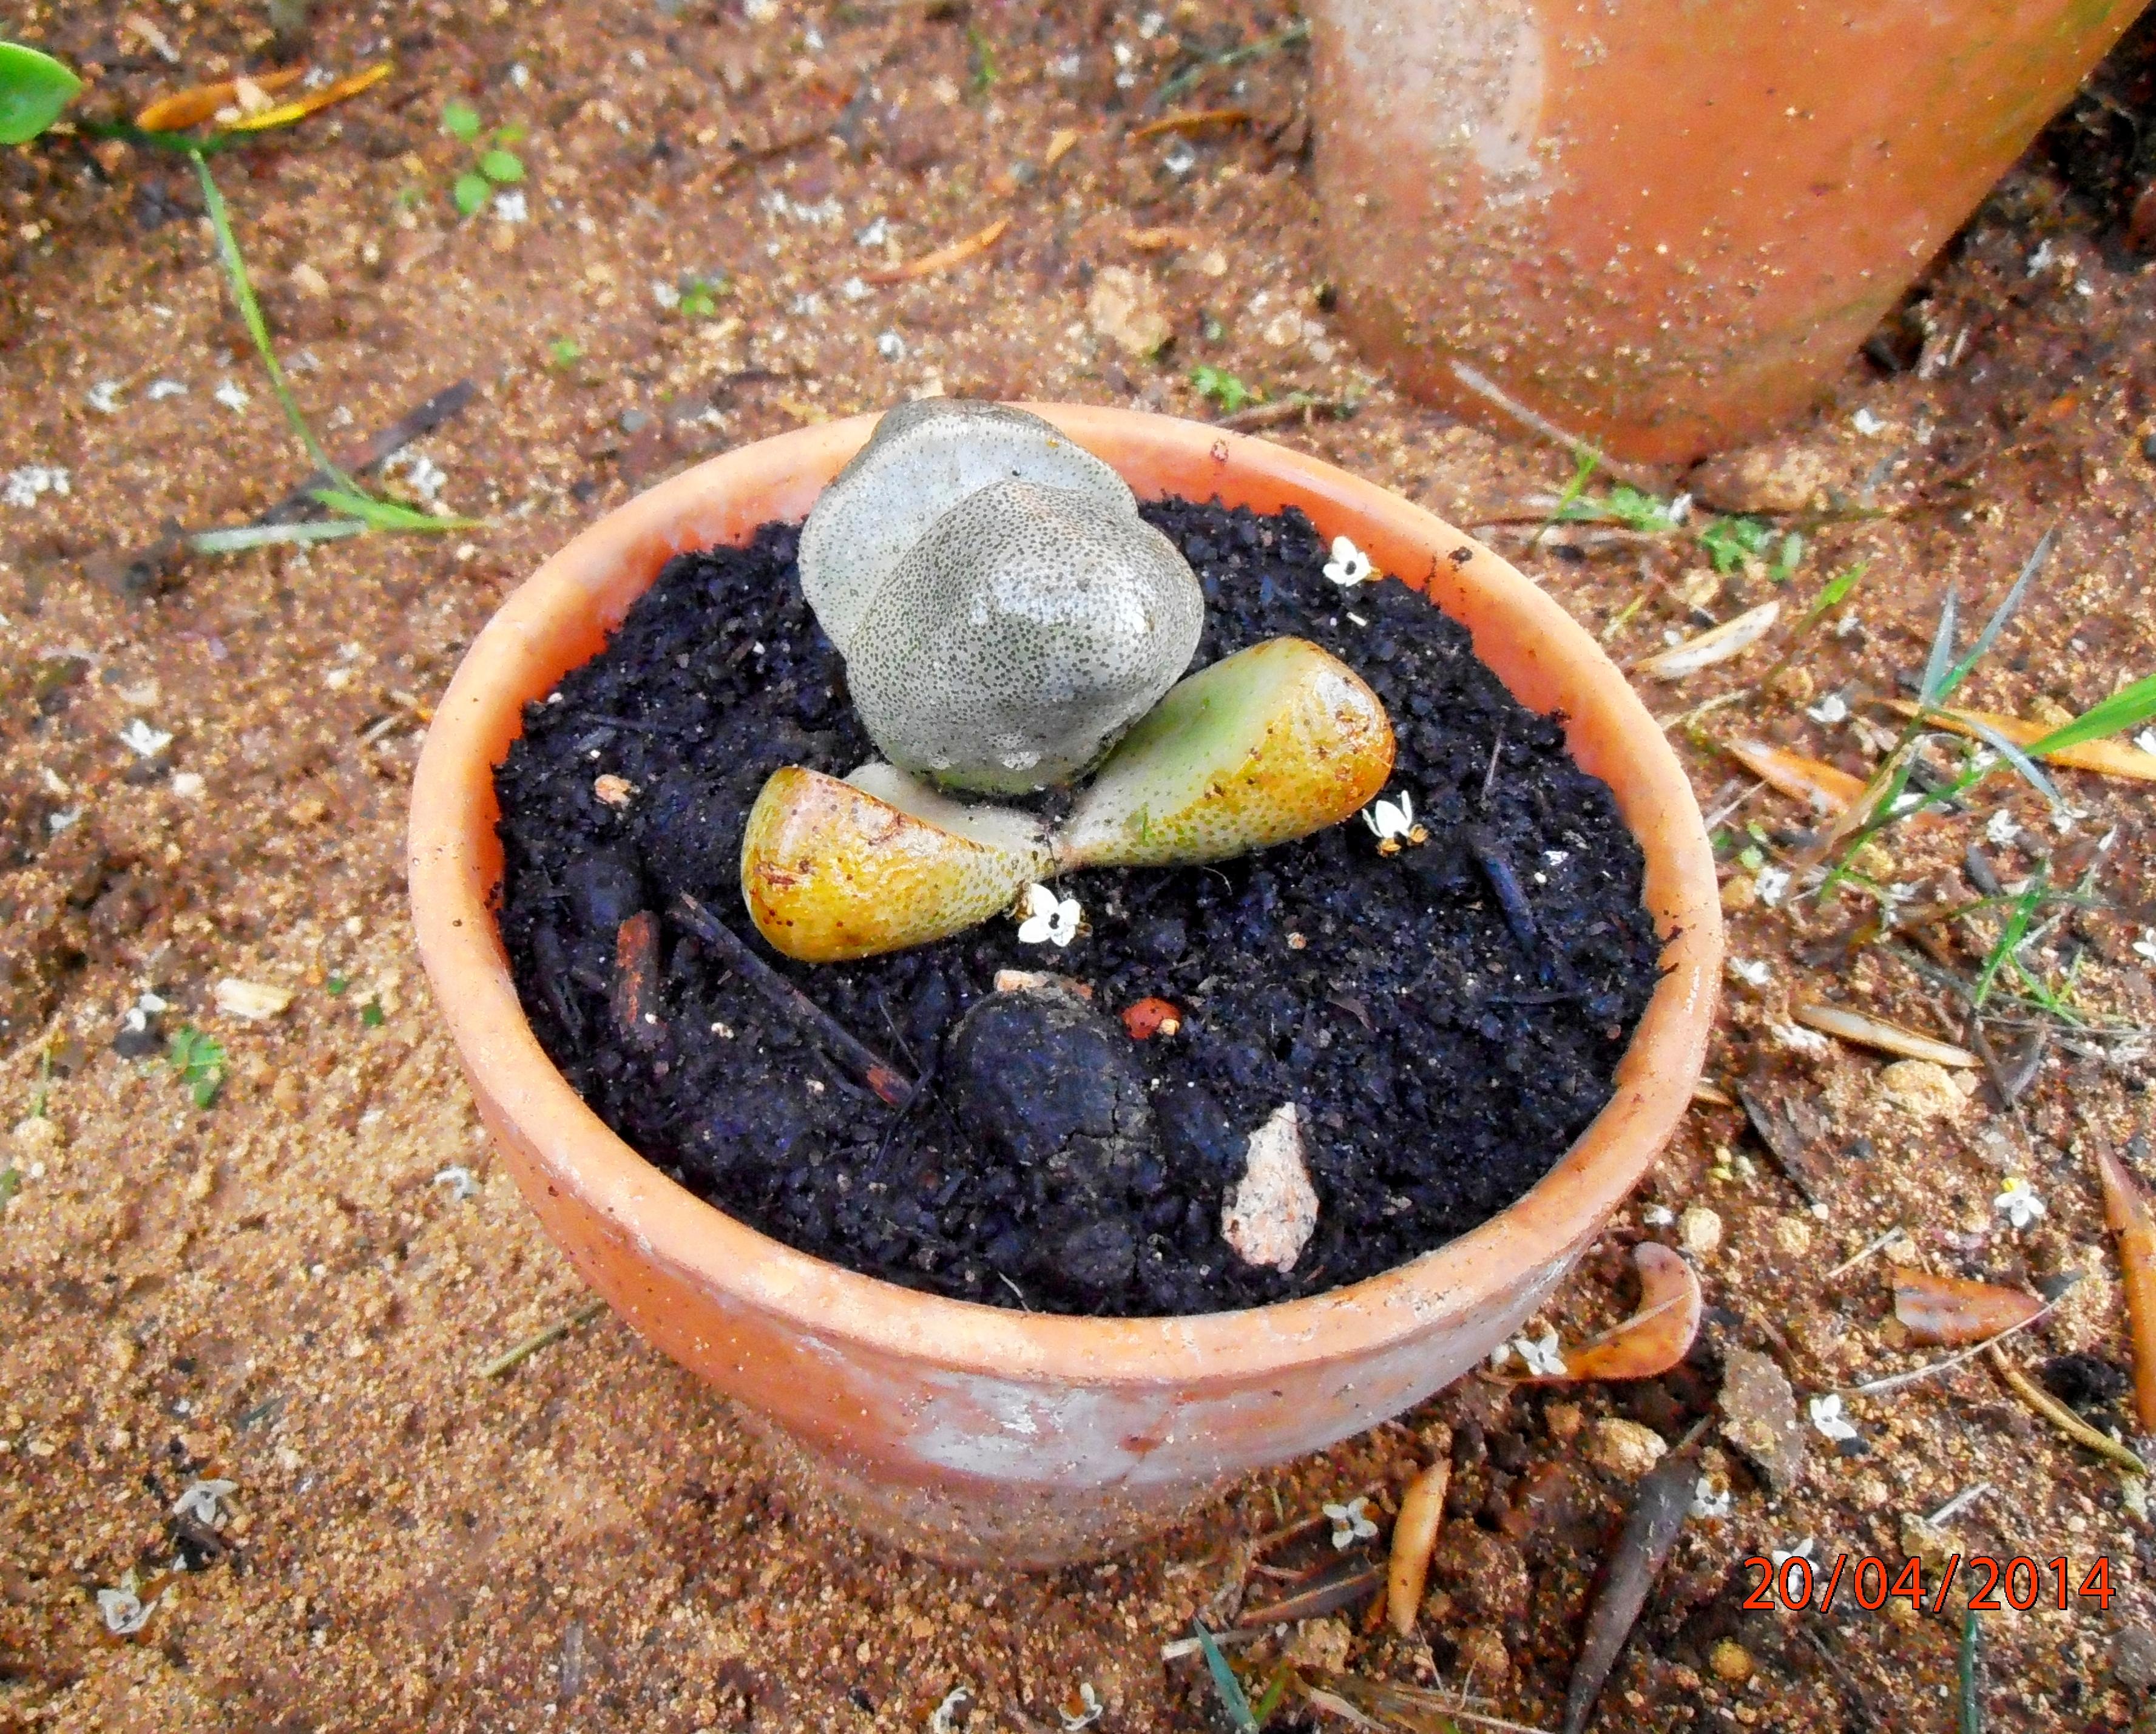 Identificación biológica de las suculentas